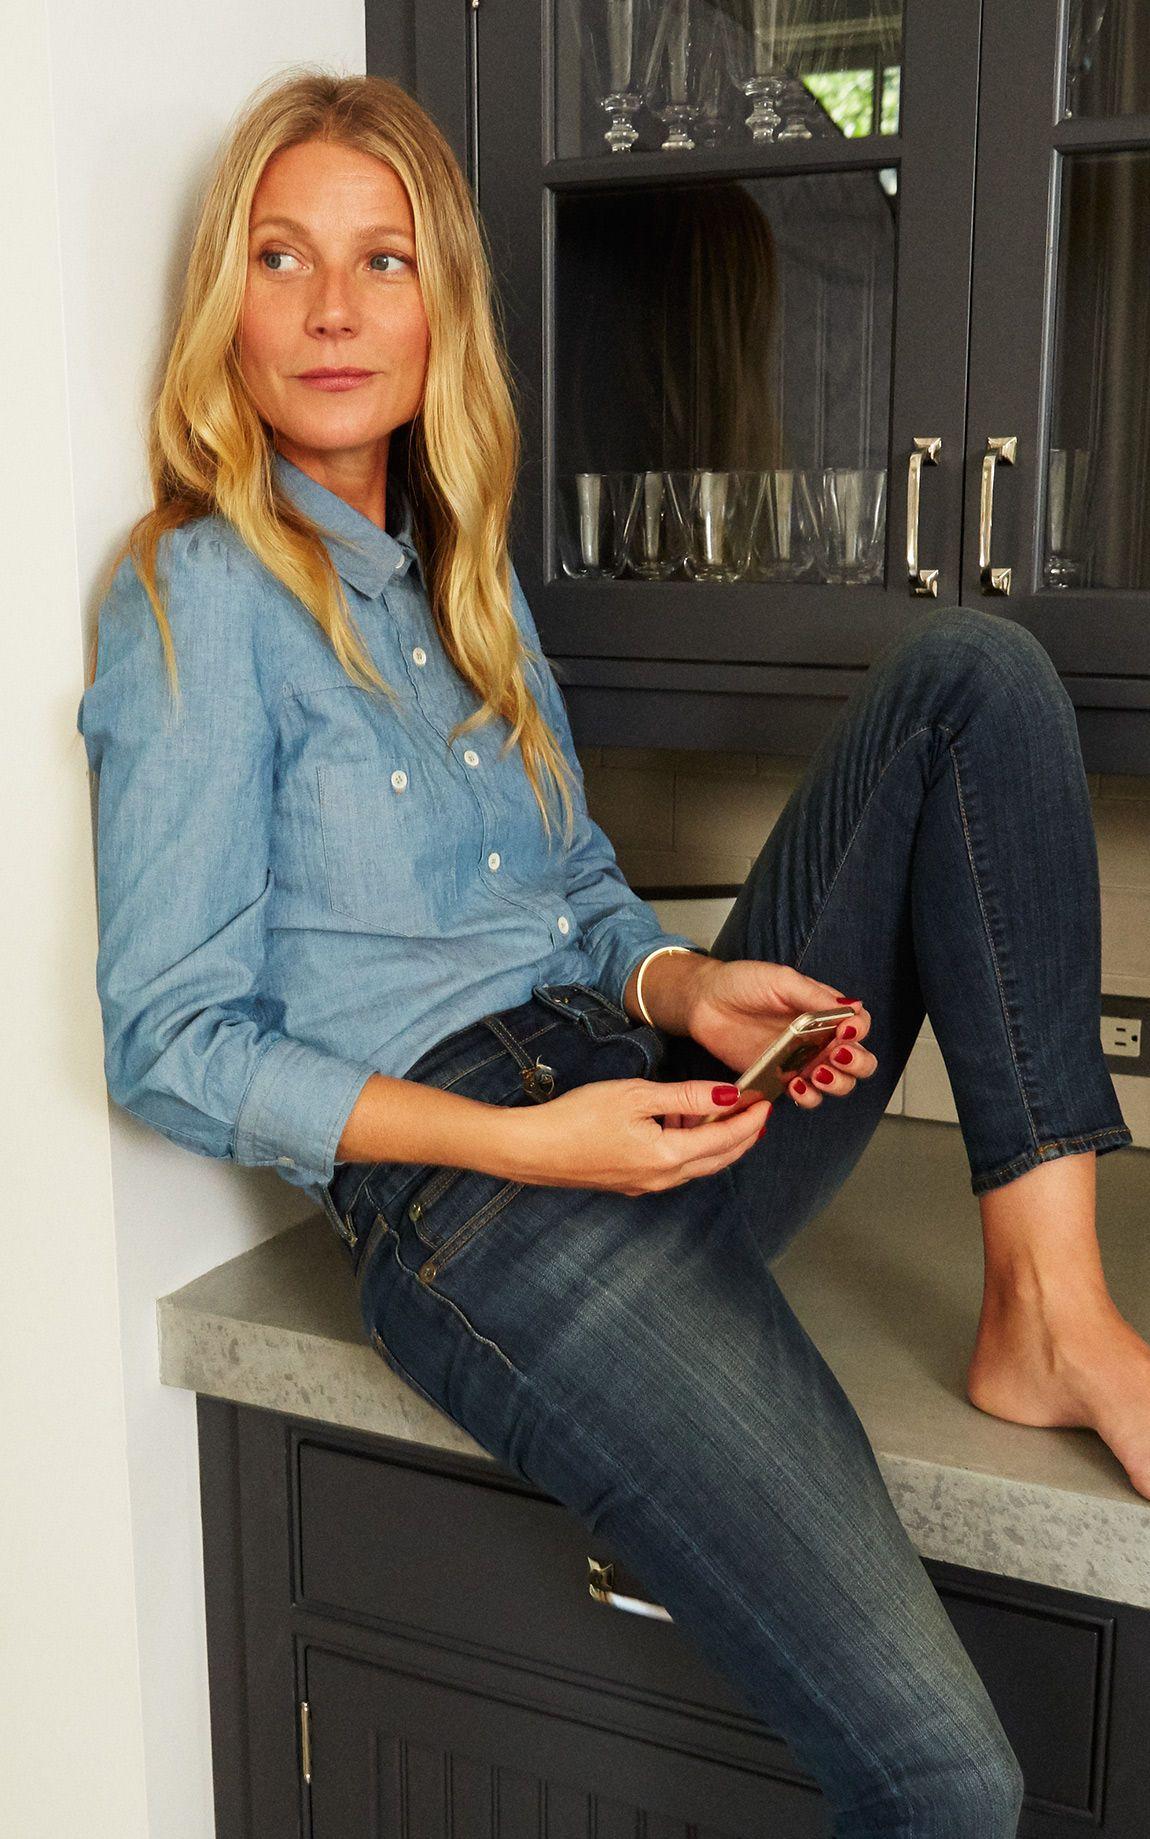 09fcc5c705 Gwyneth Paltrow in goop Label chambray shirt